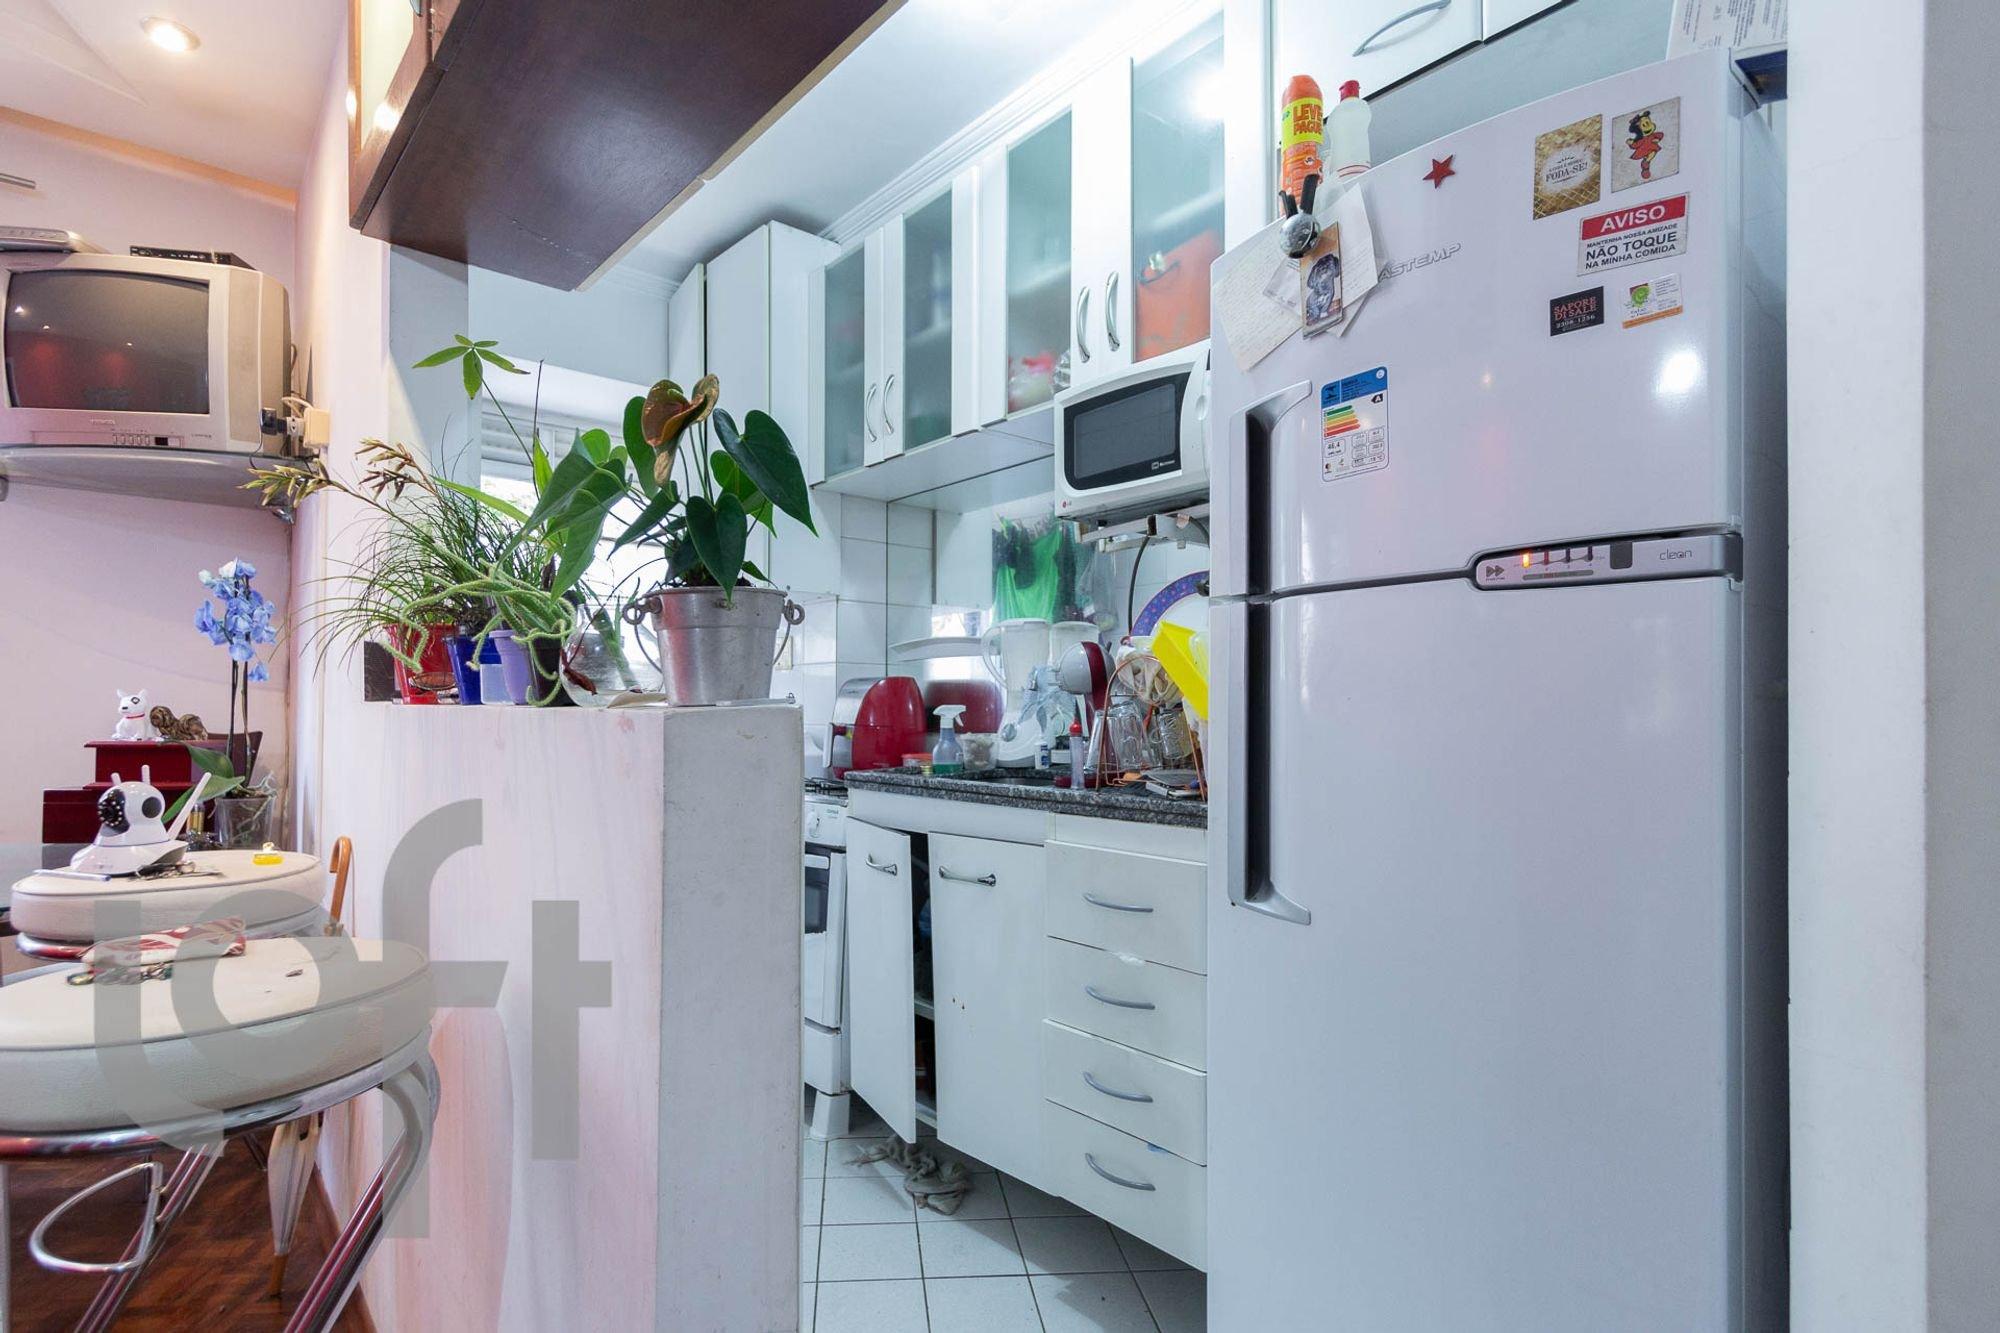 Foto de Cozinha com vaso de planta, televisão, geladeira, pia